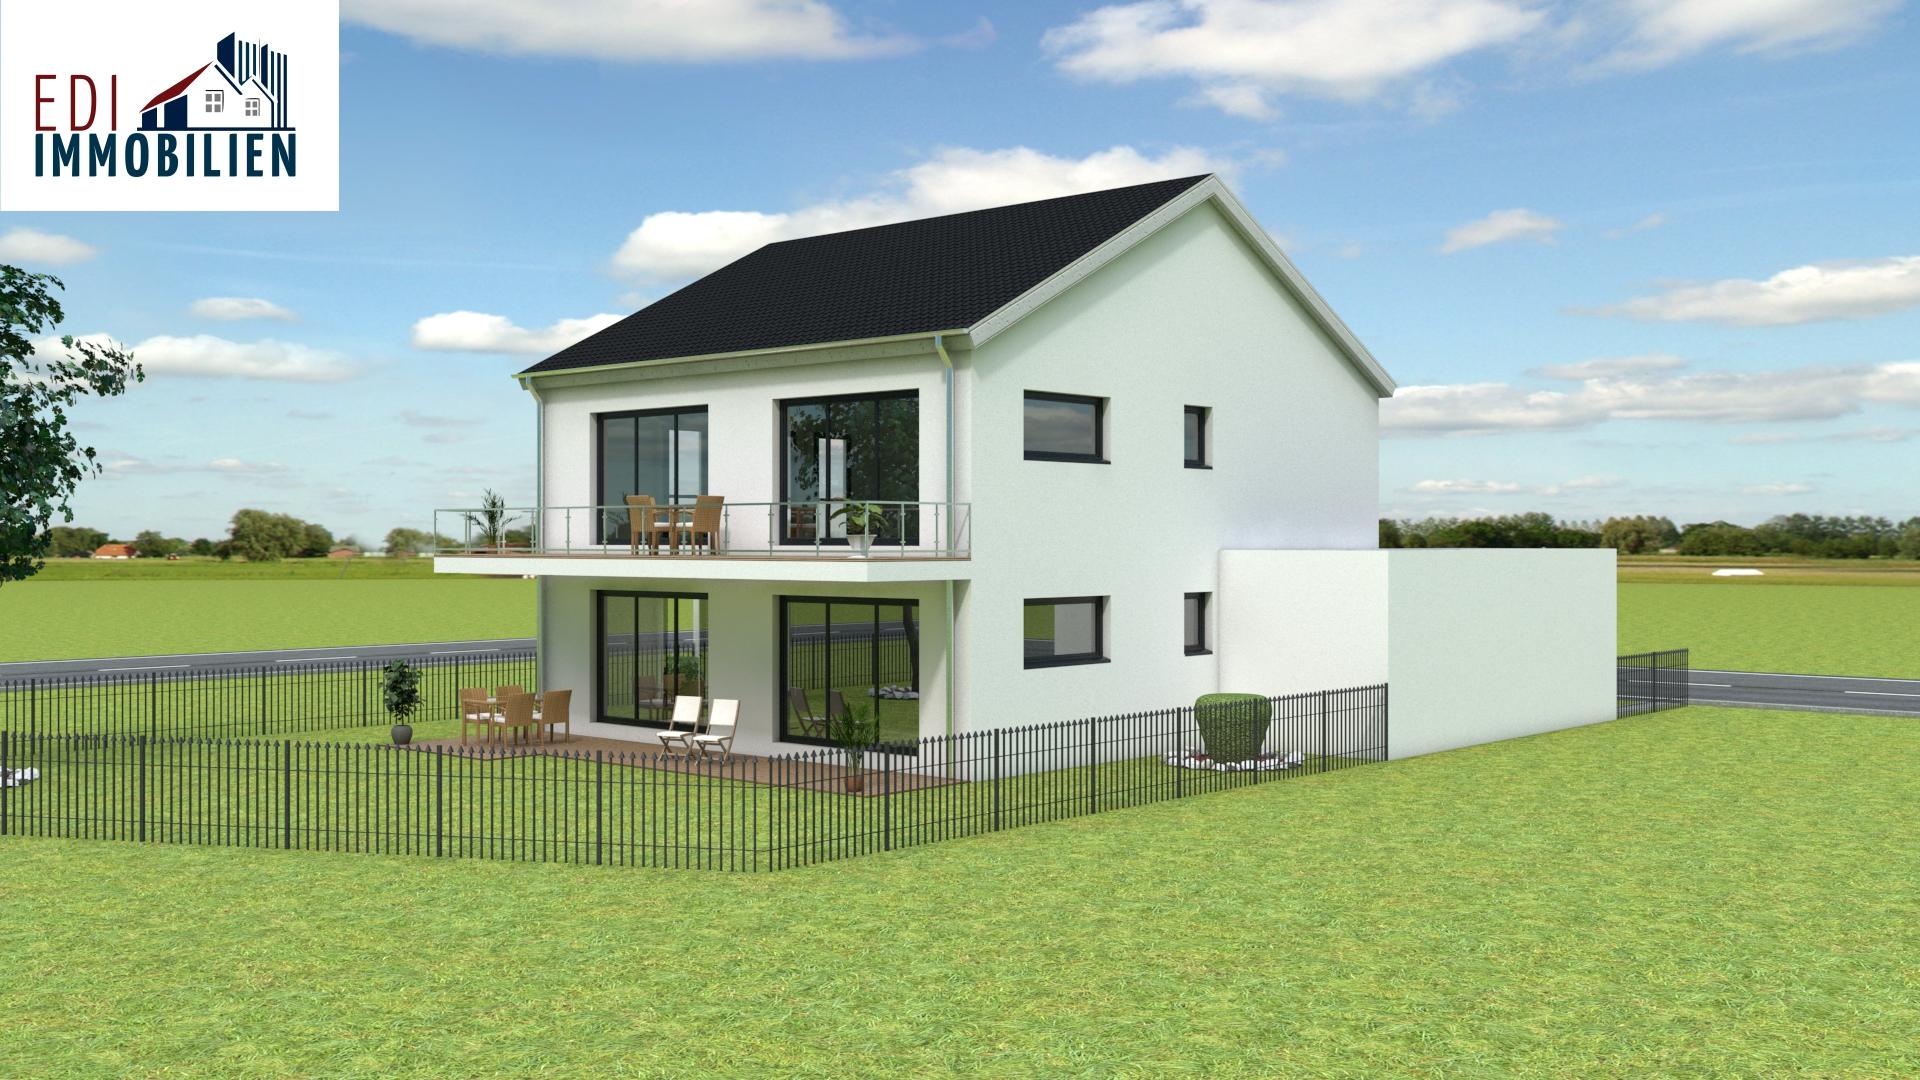 2 FH Wellen EDI Immobilien Trier